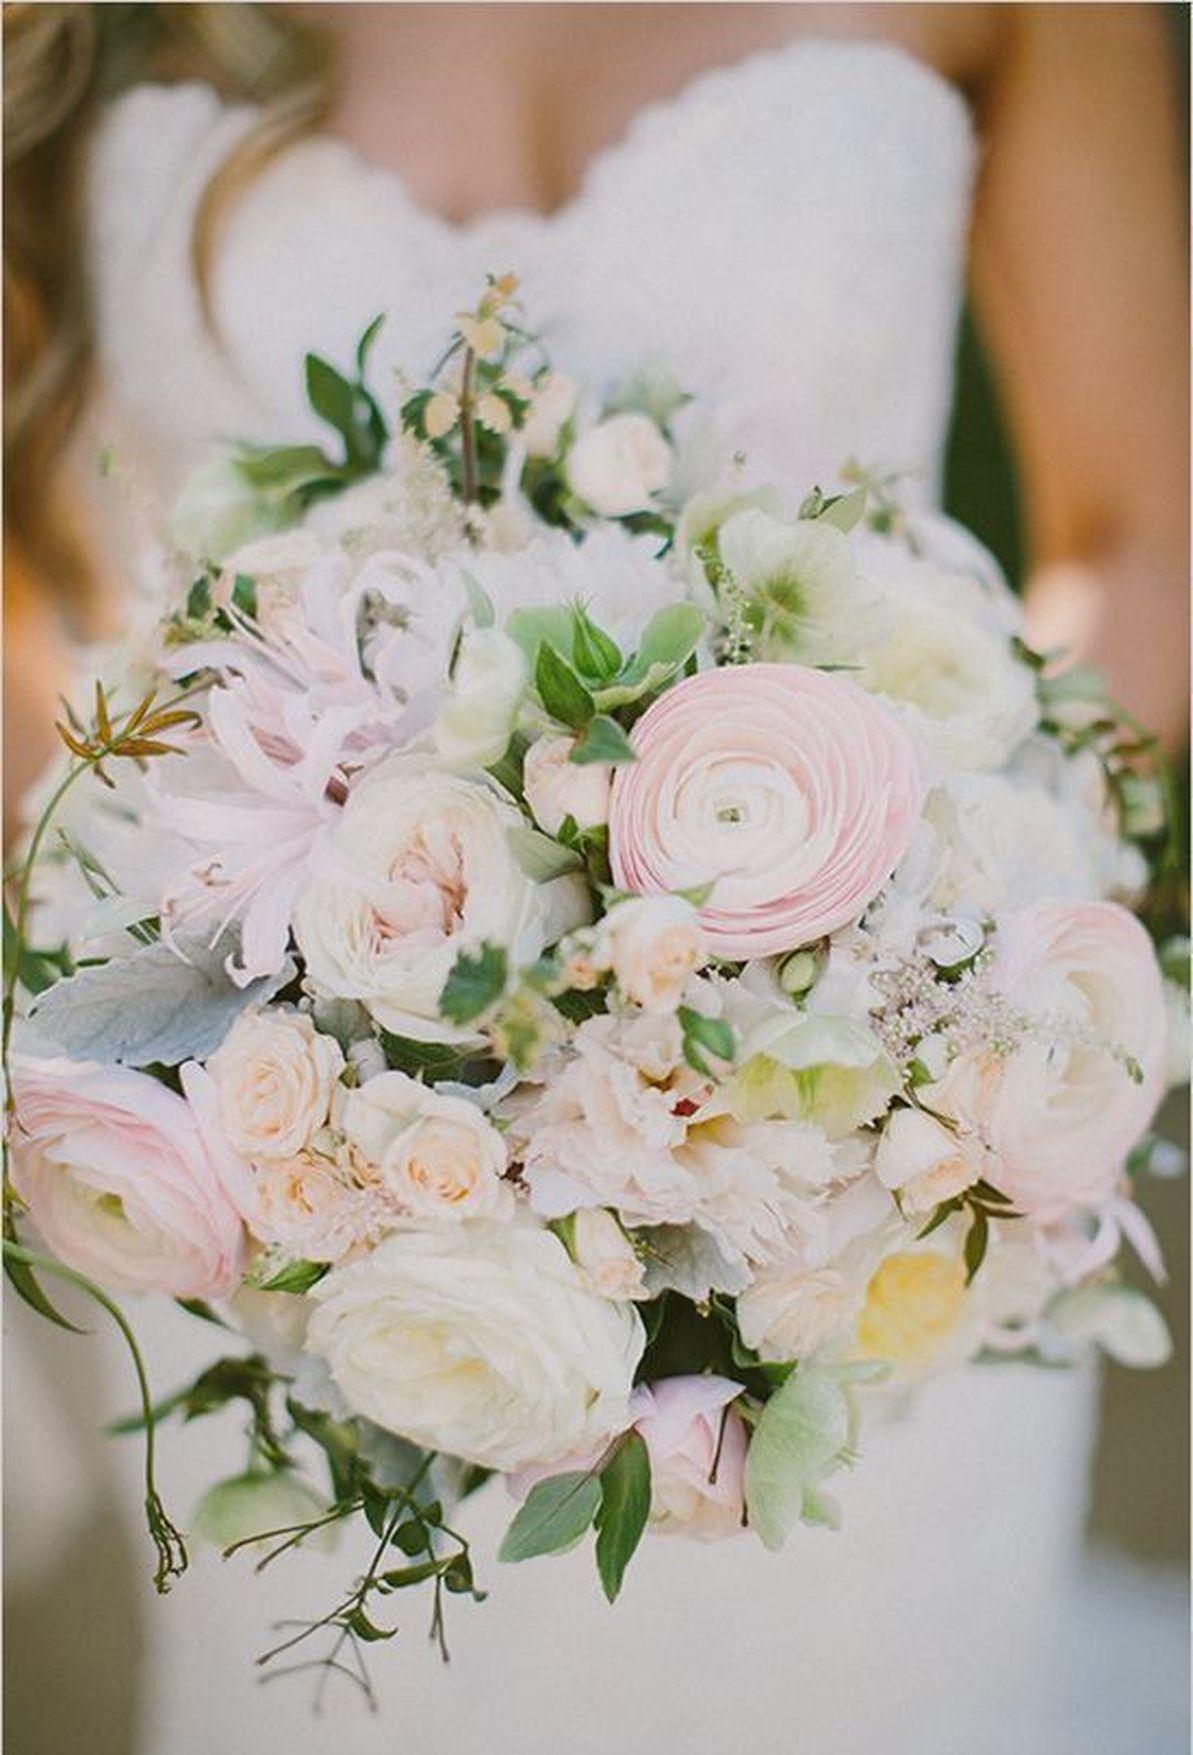 seasonal wedding flower favorites double g events ct wedding planner and designer. Black Bedroom Furniture Sets. Home Design Ideas